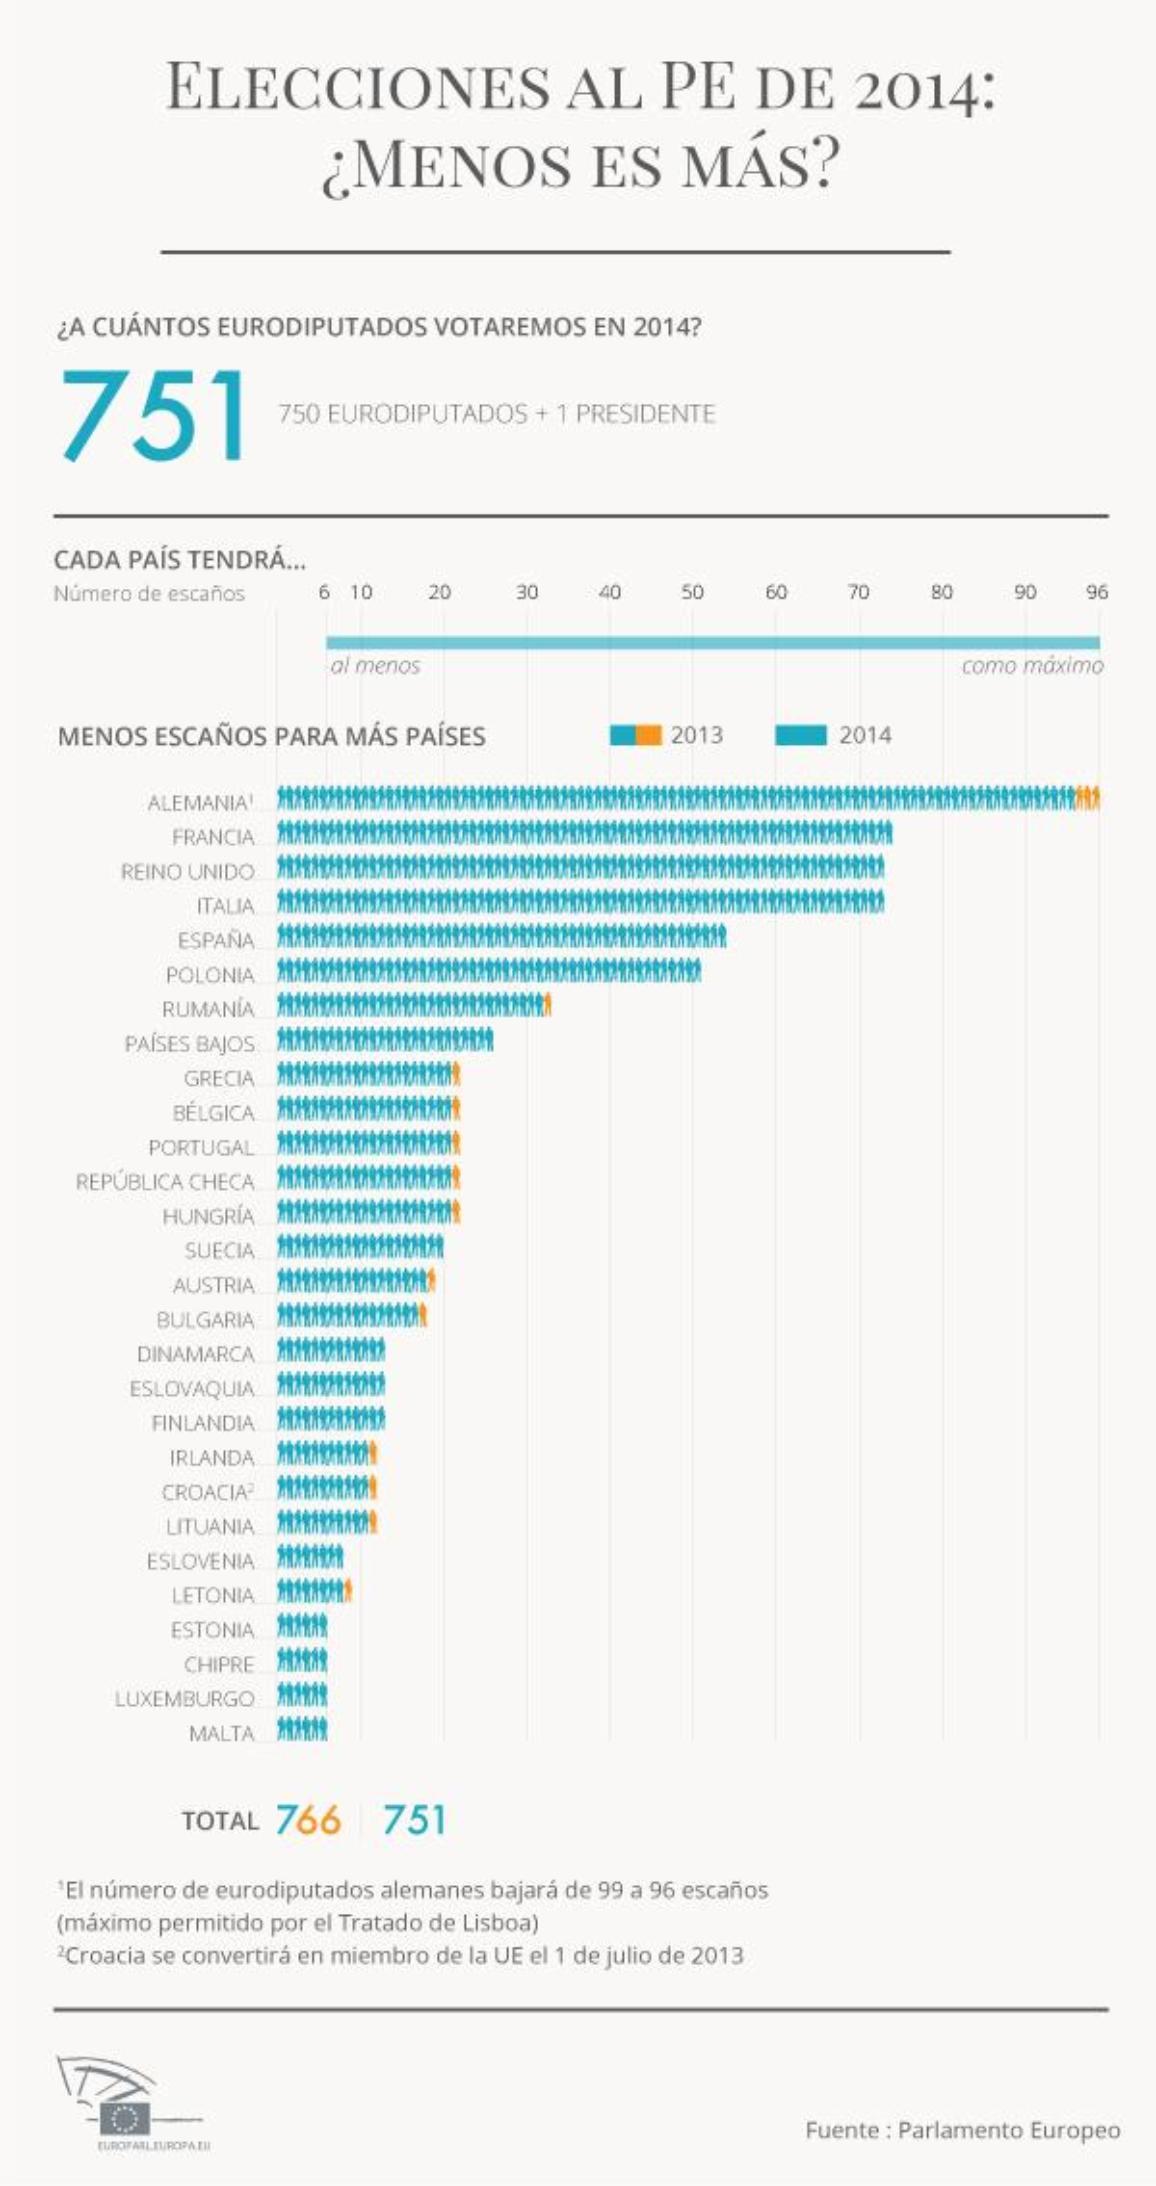 Nuestra infografía compara el reparto actual de escaños y el que acaba de proponer el pleno de la Eurocámara